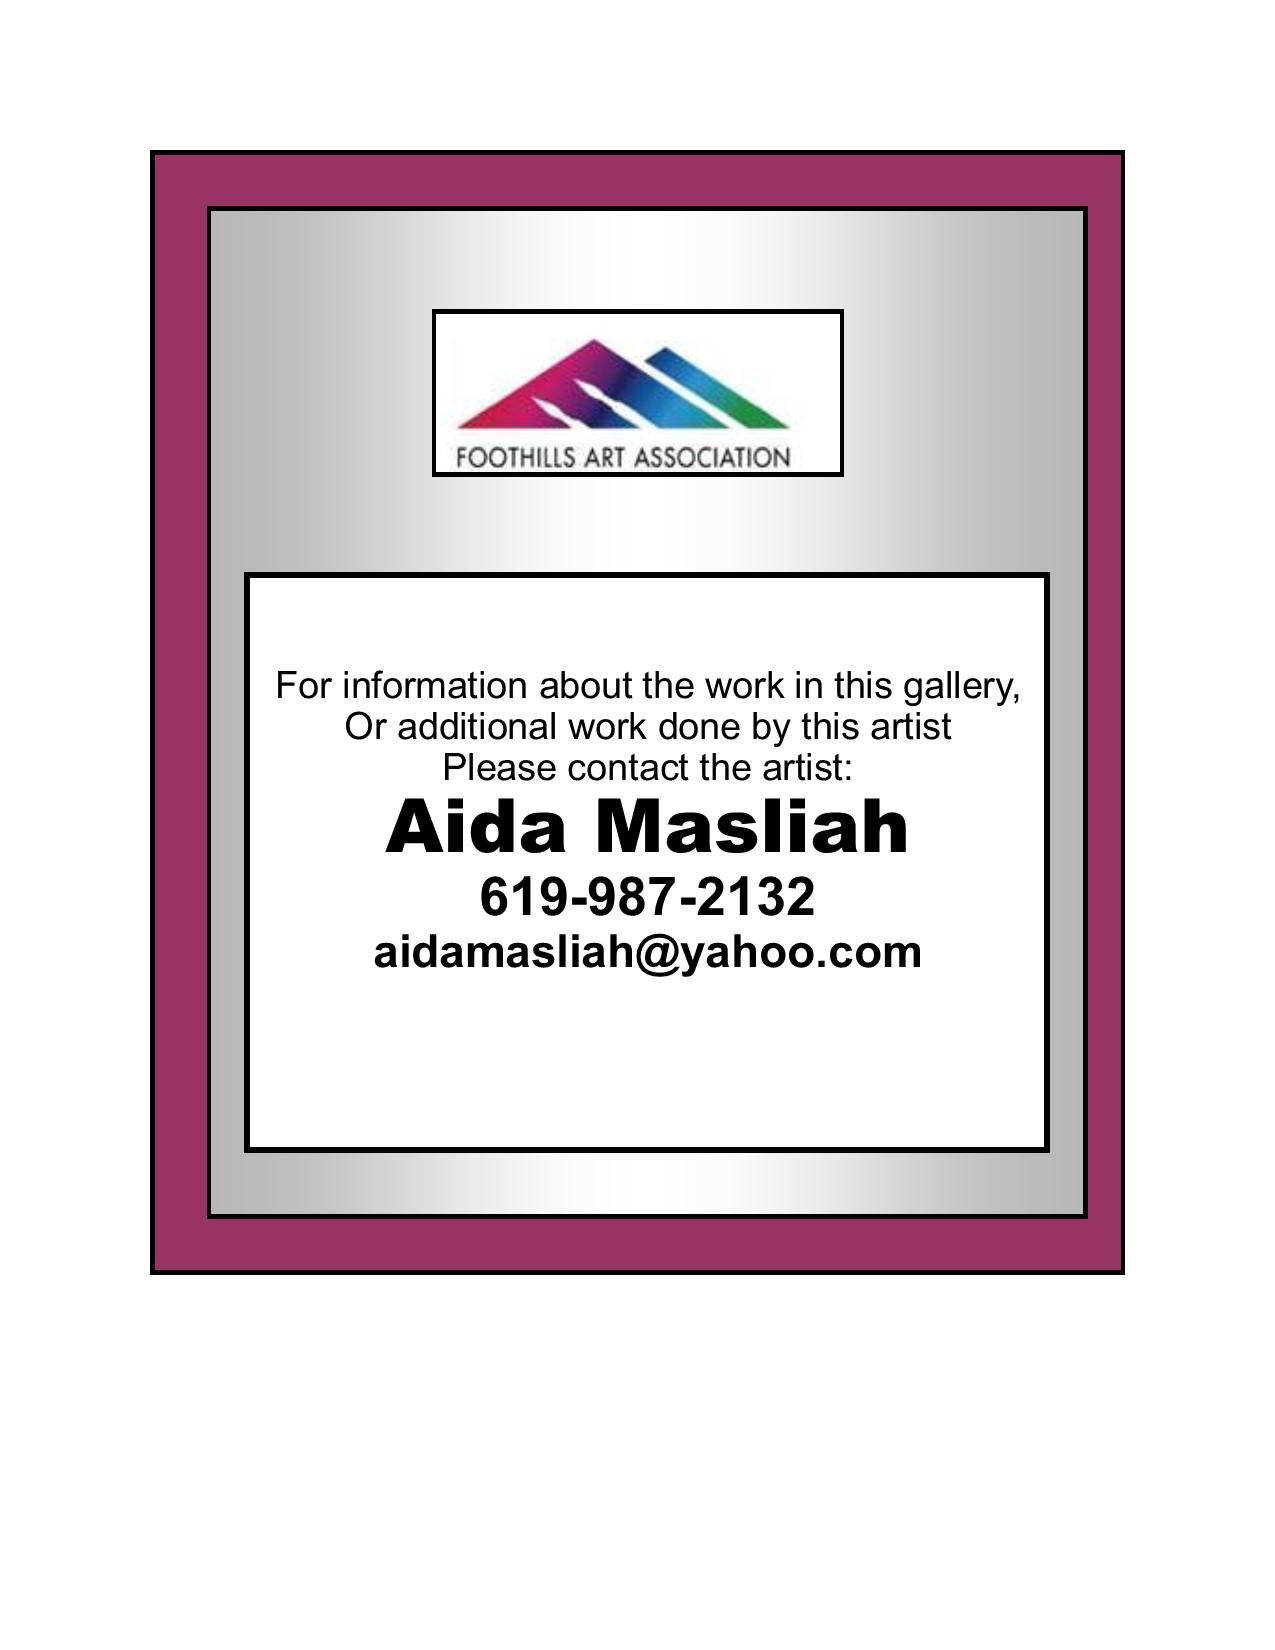 Aida Masliah